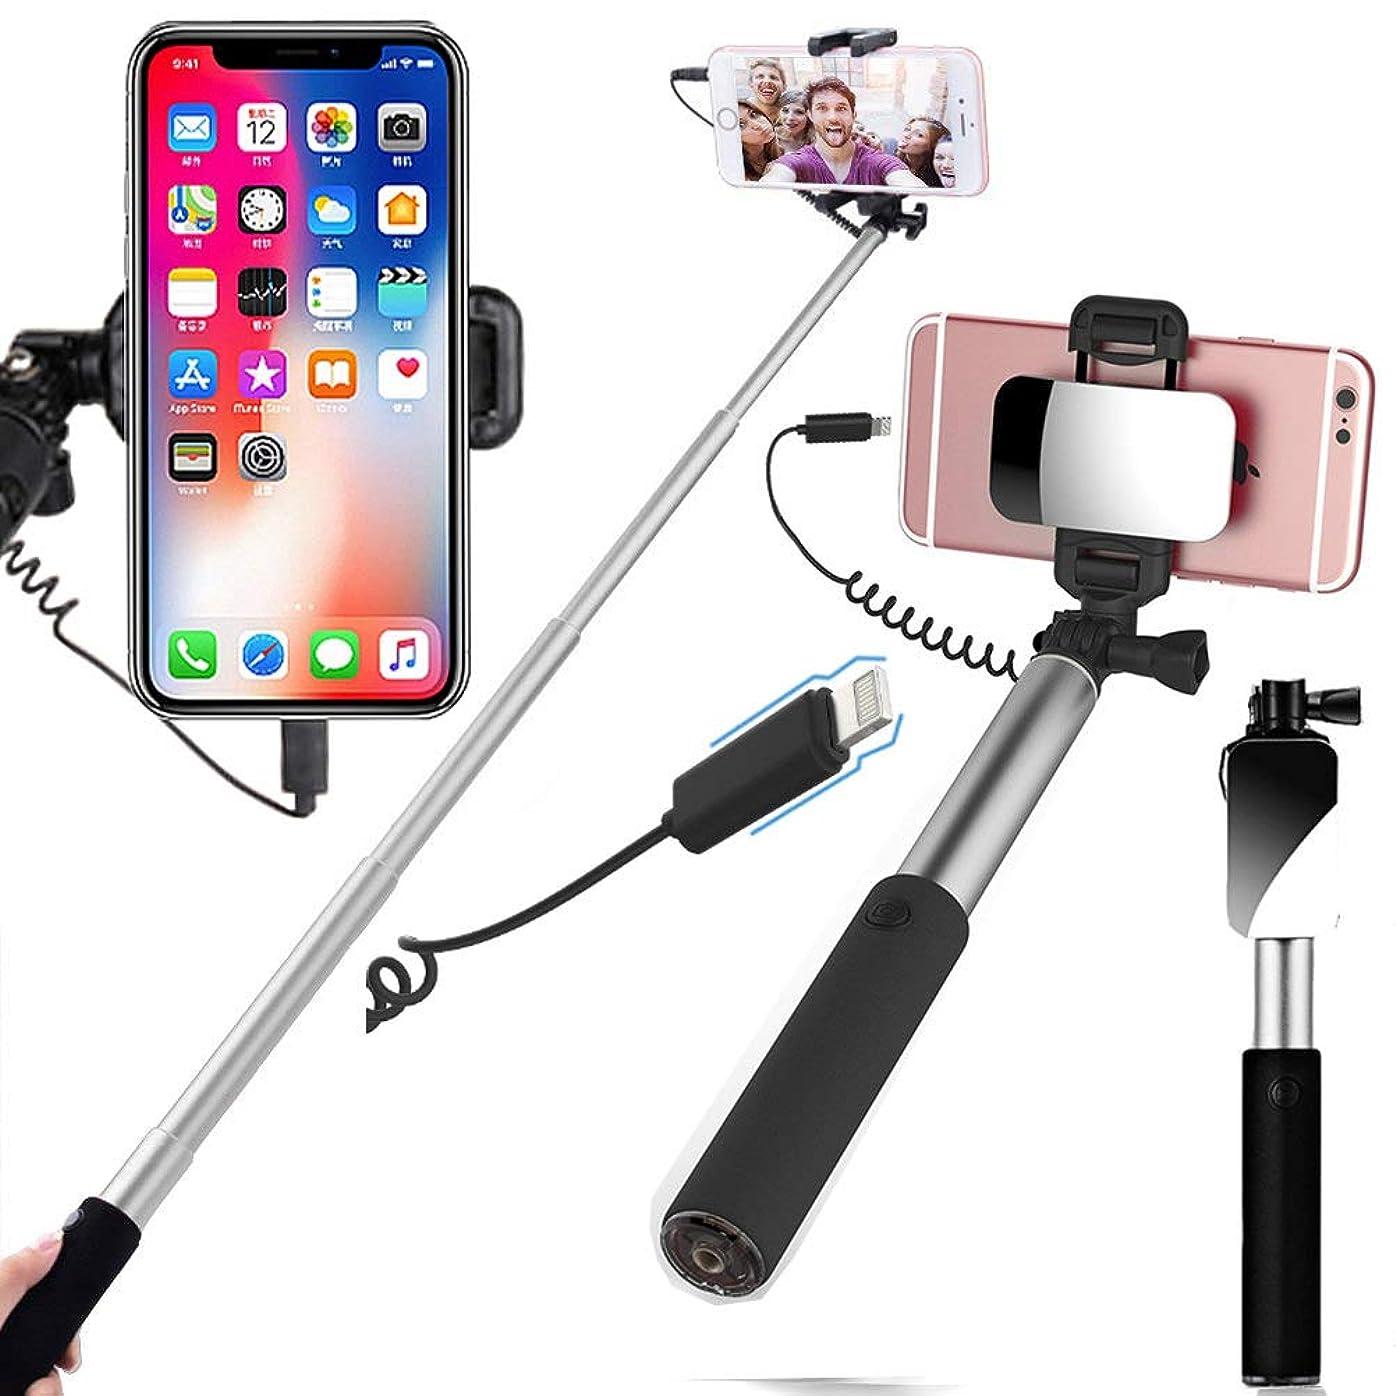 モネオリエンタルビタミンYooGoal iPhone XS MAX XS X XR 8 8プラス7 7プラス6 6プラスプラスSE(シルバー)用ミラーワイヤーコントロールコネクタ(Bluetoothなし)付き携帯電話Selfieスティックとの互換性